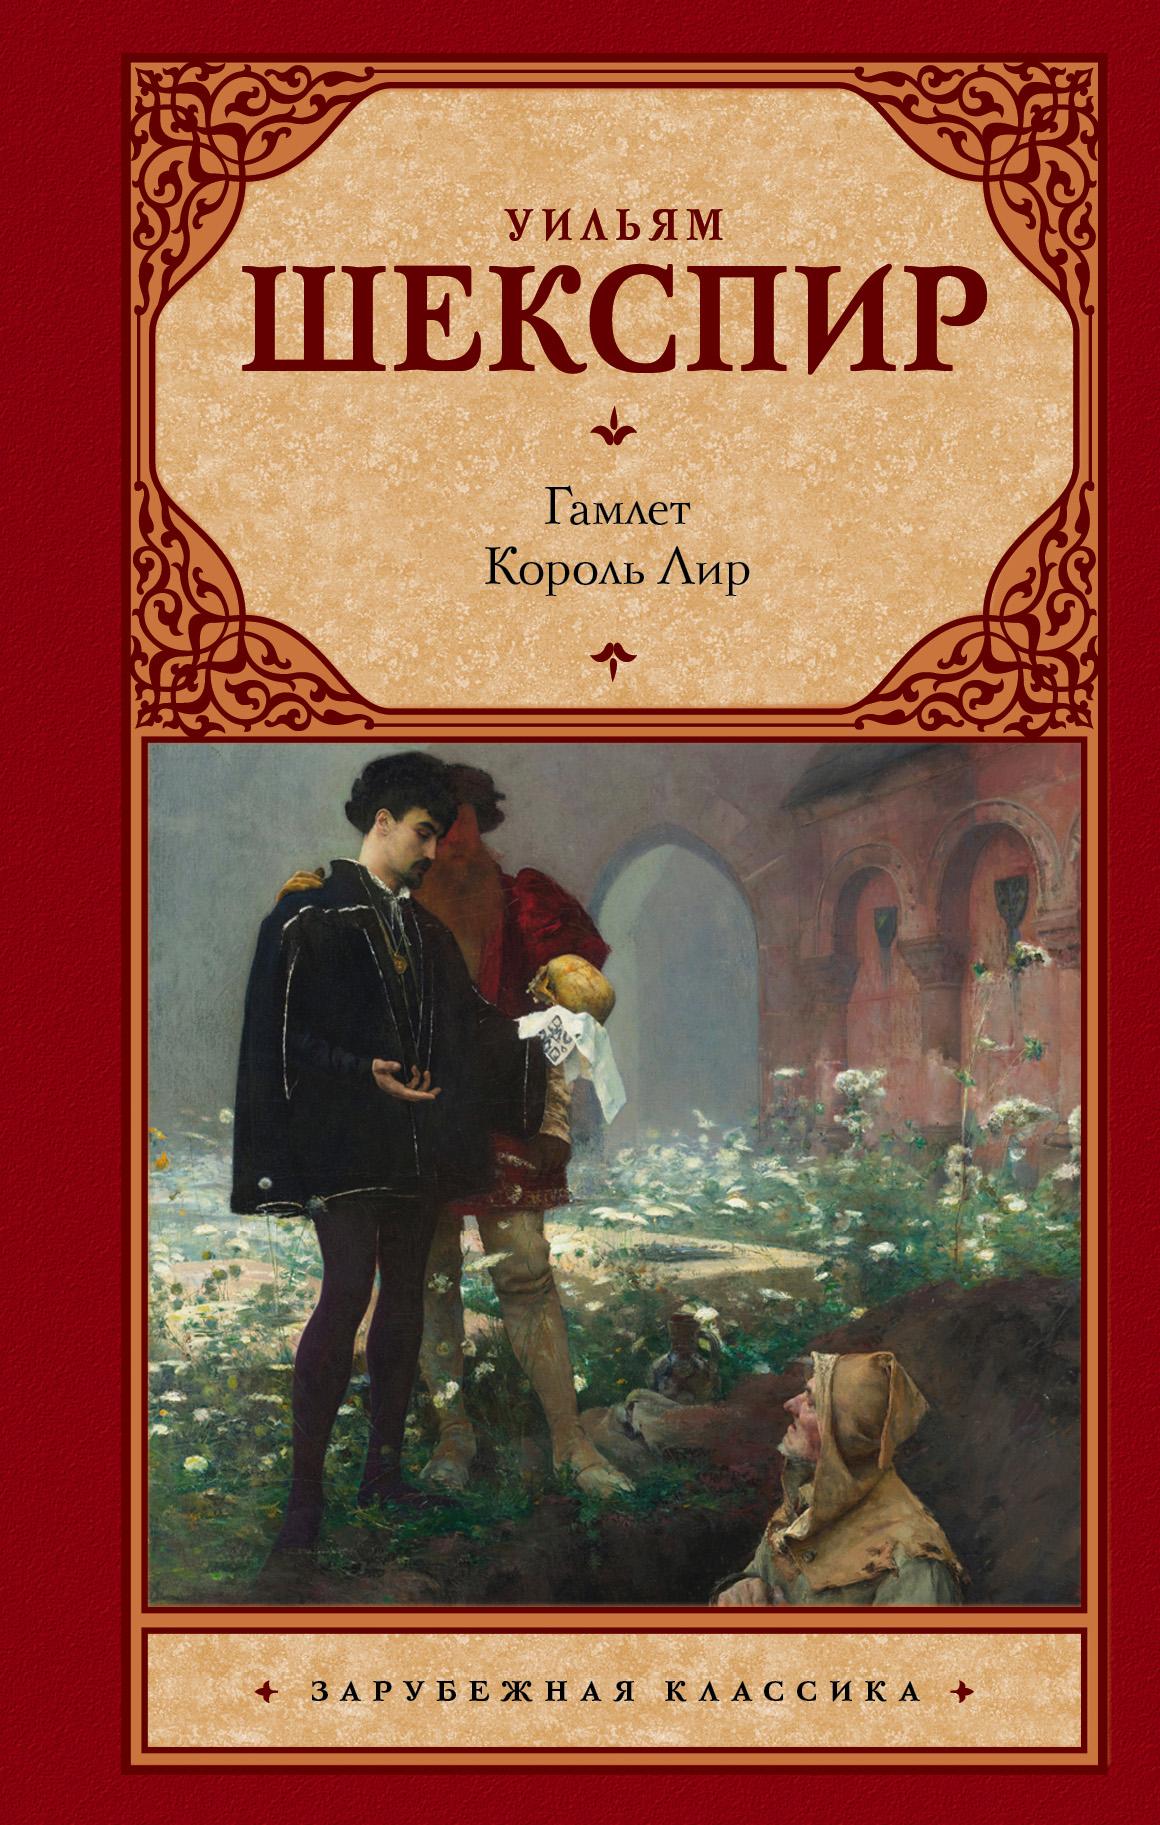 Уильям Шекспир Гамлет. Король Лир (сборник) мерси д самые знаменитые и легендарные воины